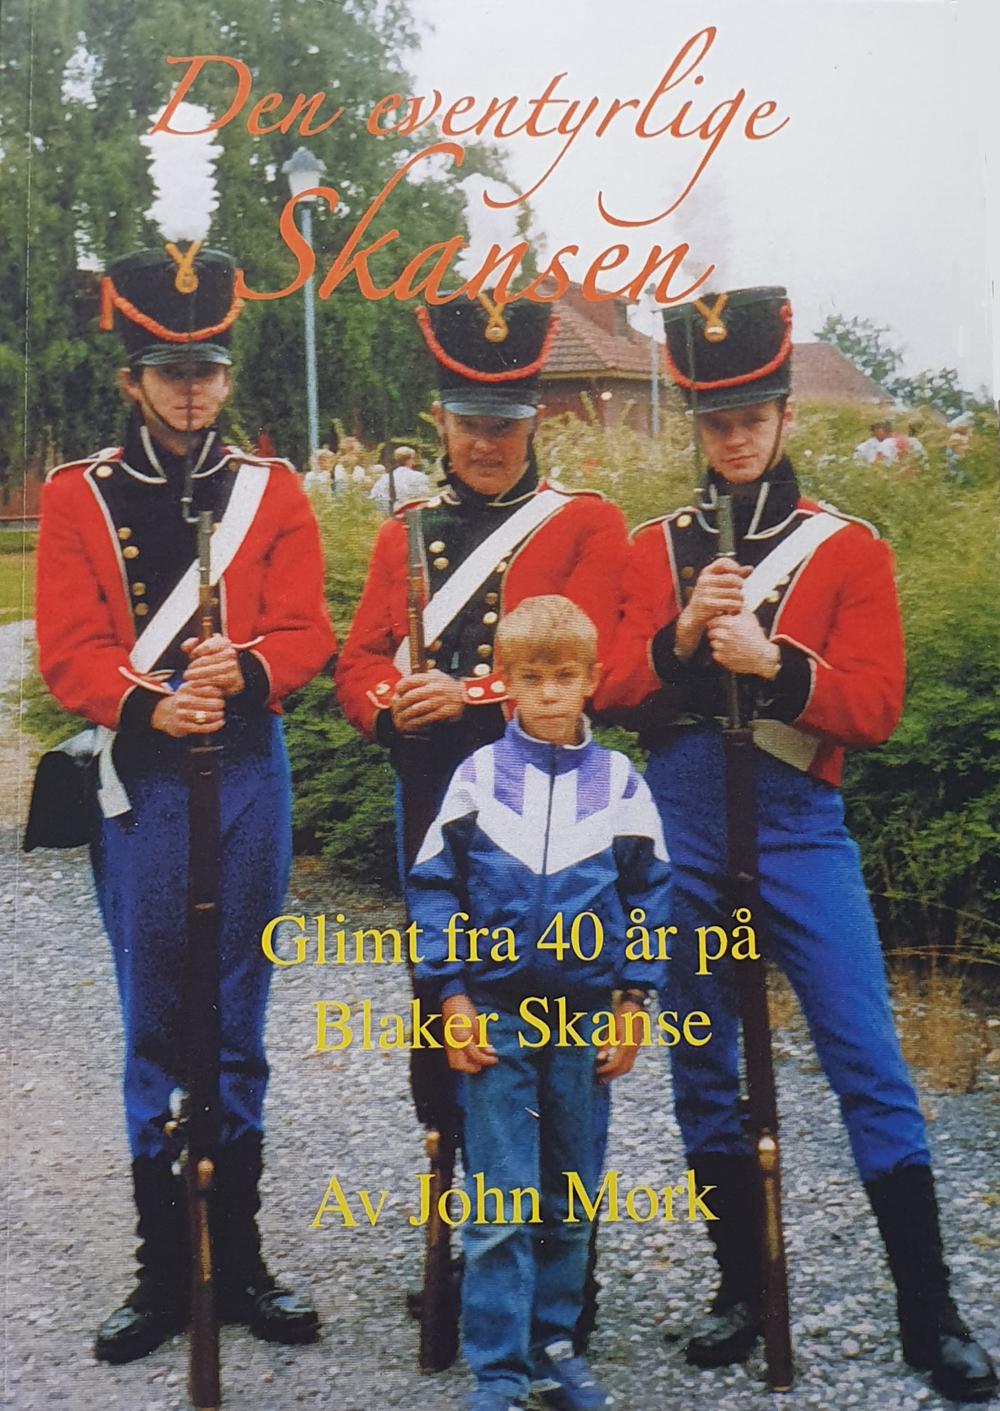 John-Mork_Den-eventyrlige-Skansen1.jpg